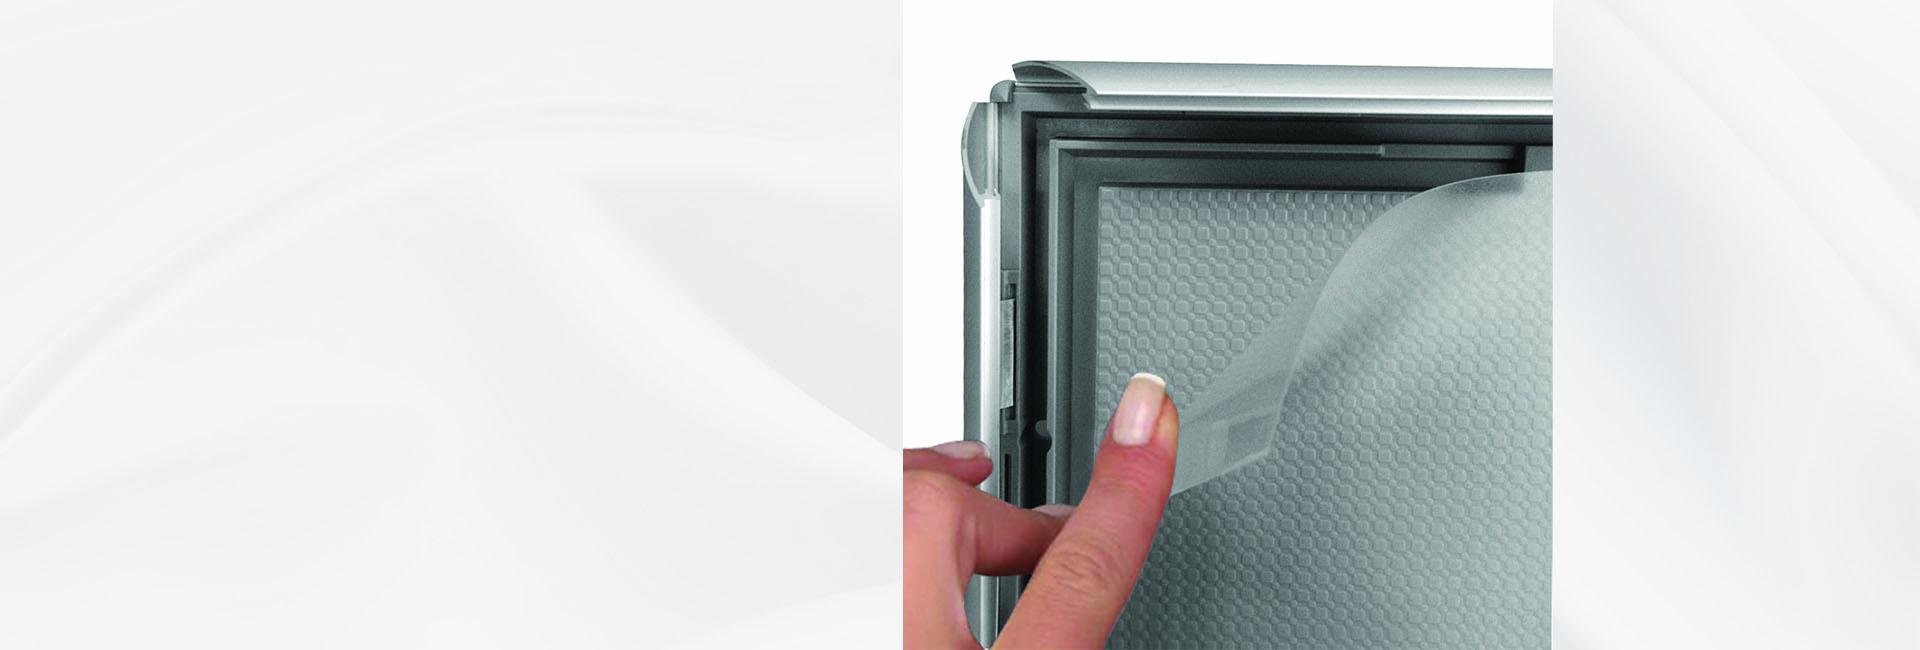 Односторонняя светодиодная рамка на профиле 50 мм любого размера